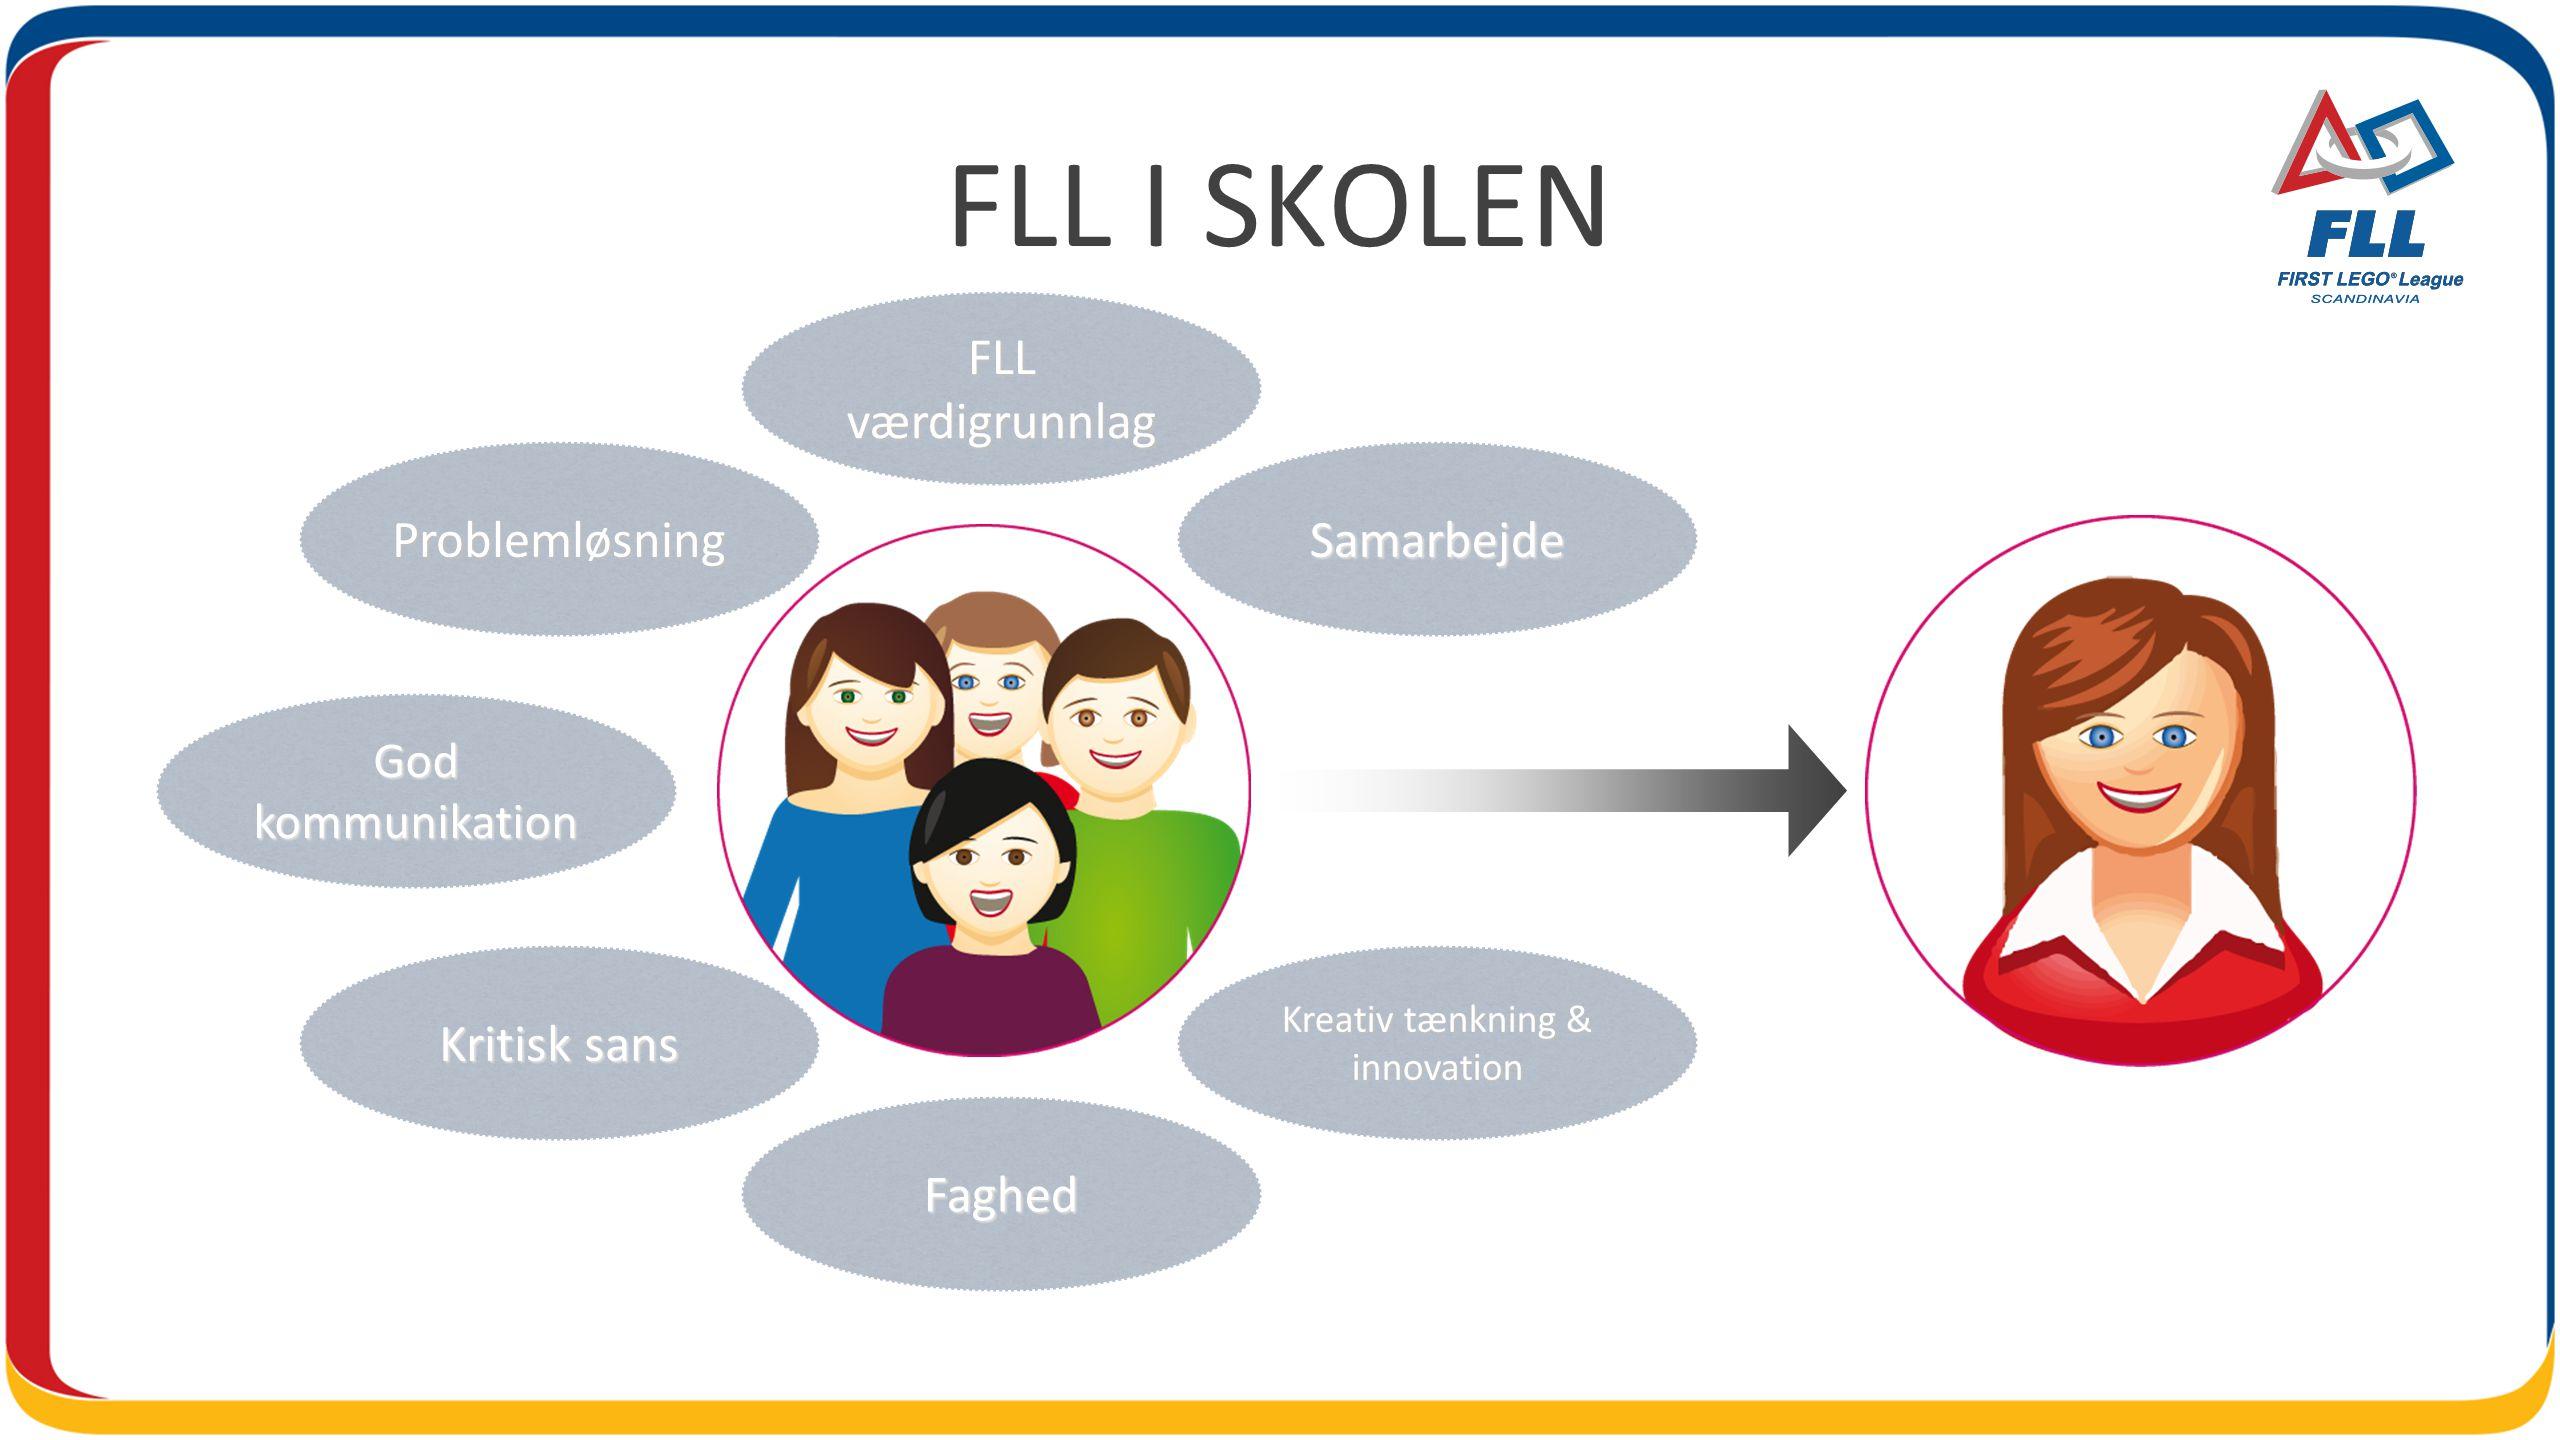 FLL I SKOLEN God kommunikation FLL værdigrunnlag Kreativ tænkning & innovation Kritisk sans Faghed ProblemløsningSamarbejde